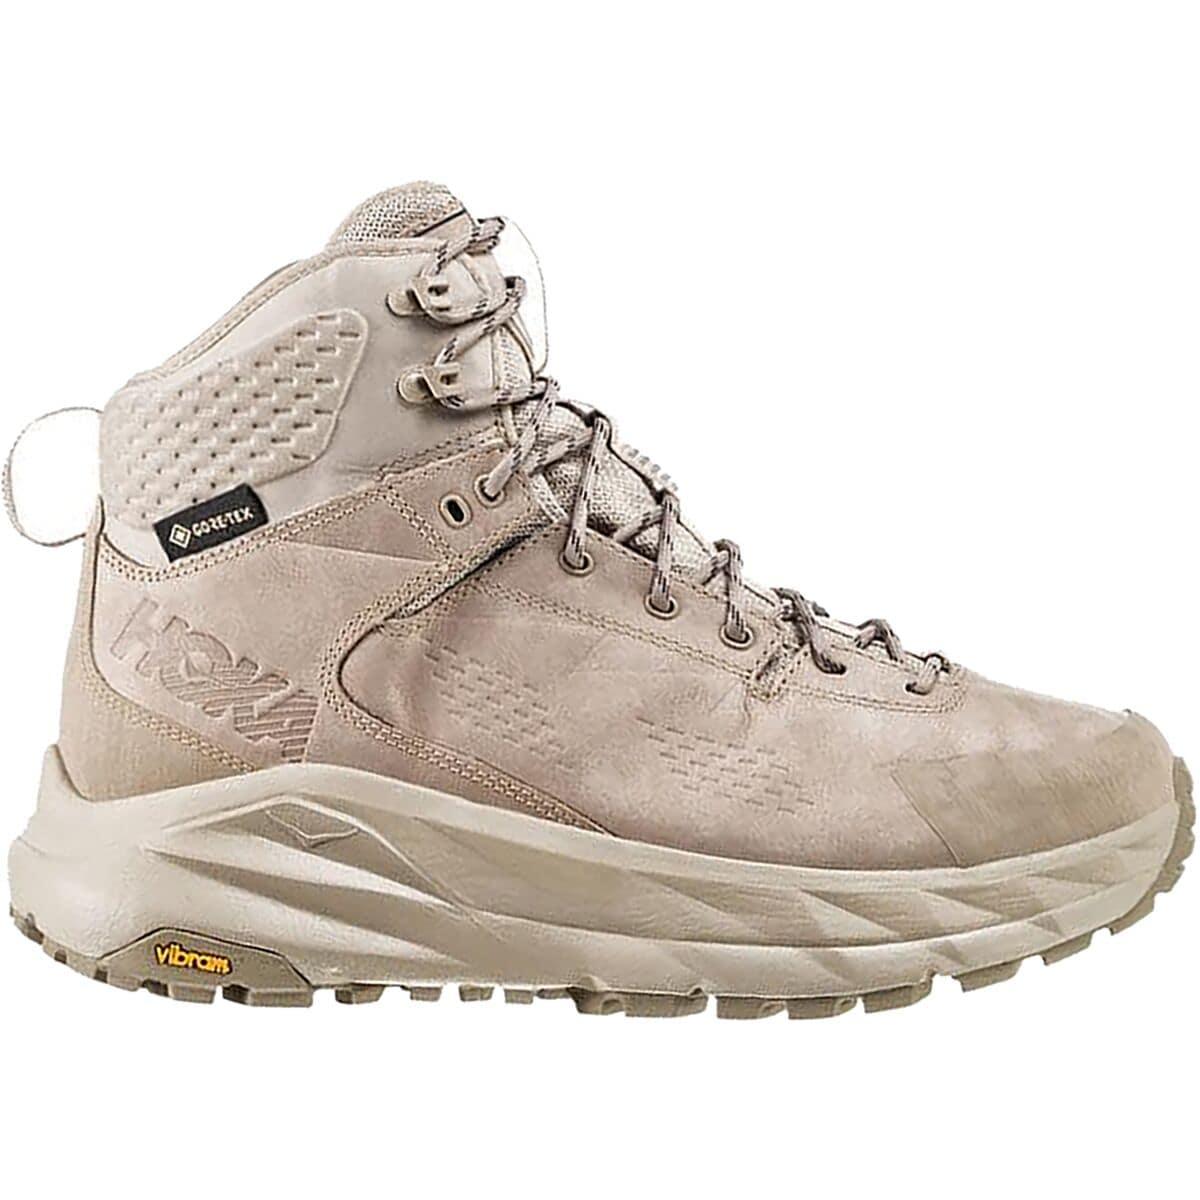 HOKA ONE ONE Sky Kaha Hiking Boot - Men